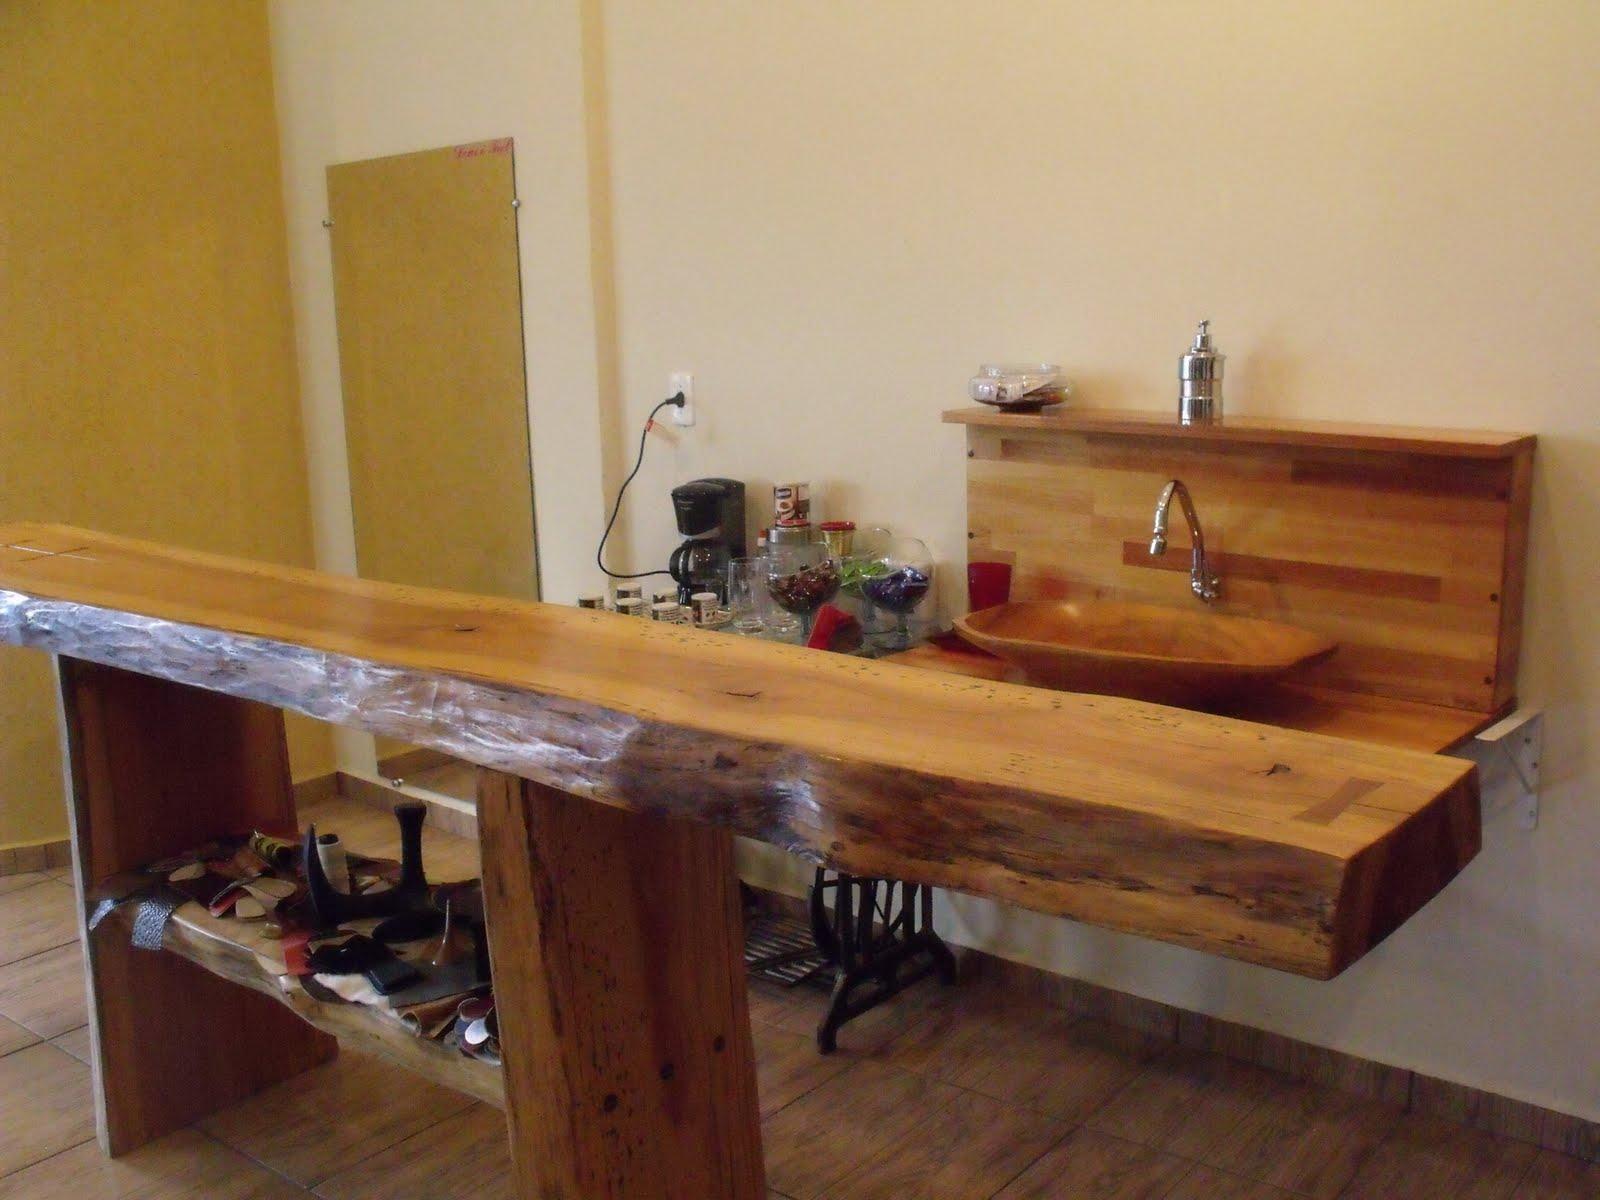 madeira (15) 32336176  81561044 Sorocaba SP: Balcão feito de tronco #967134 1600x1200